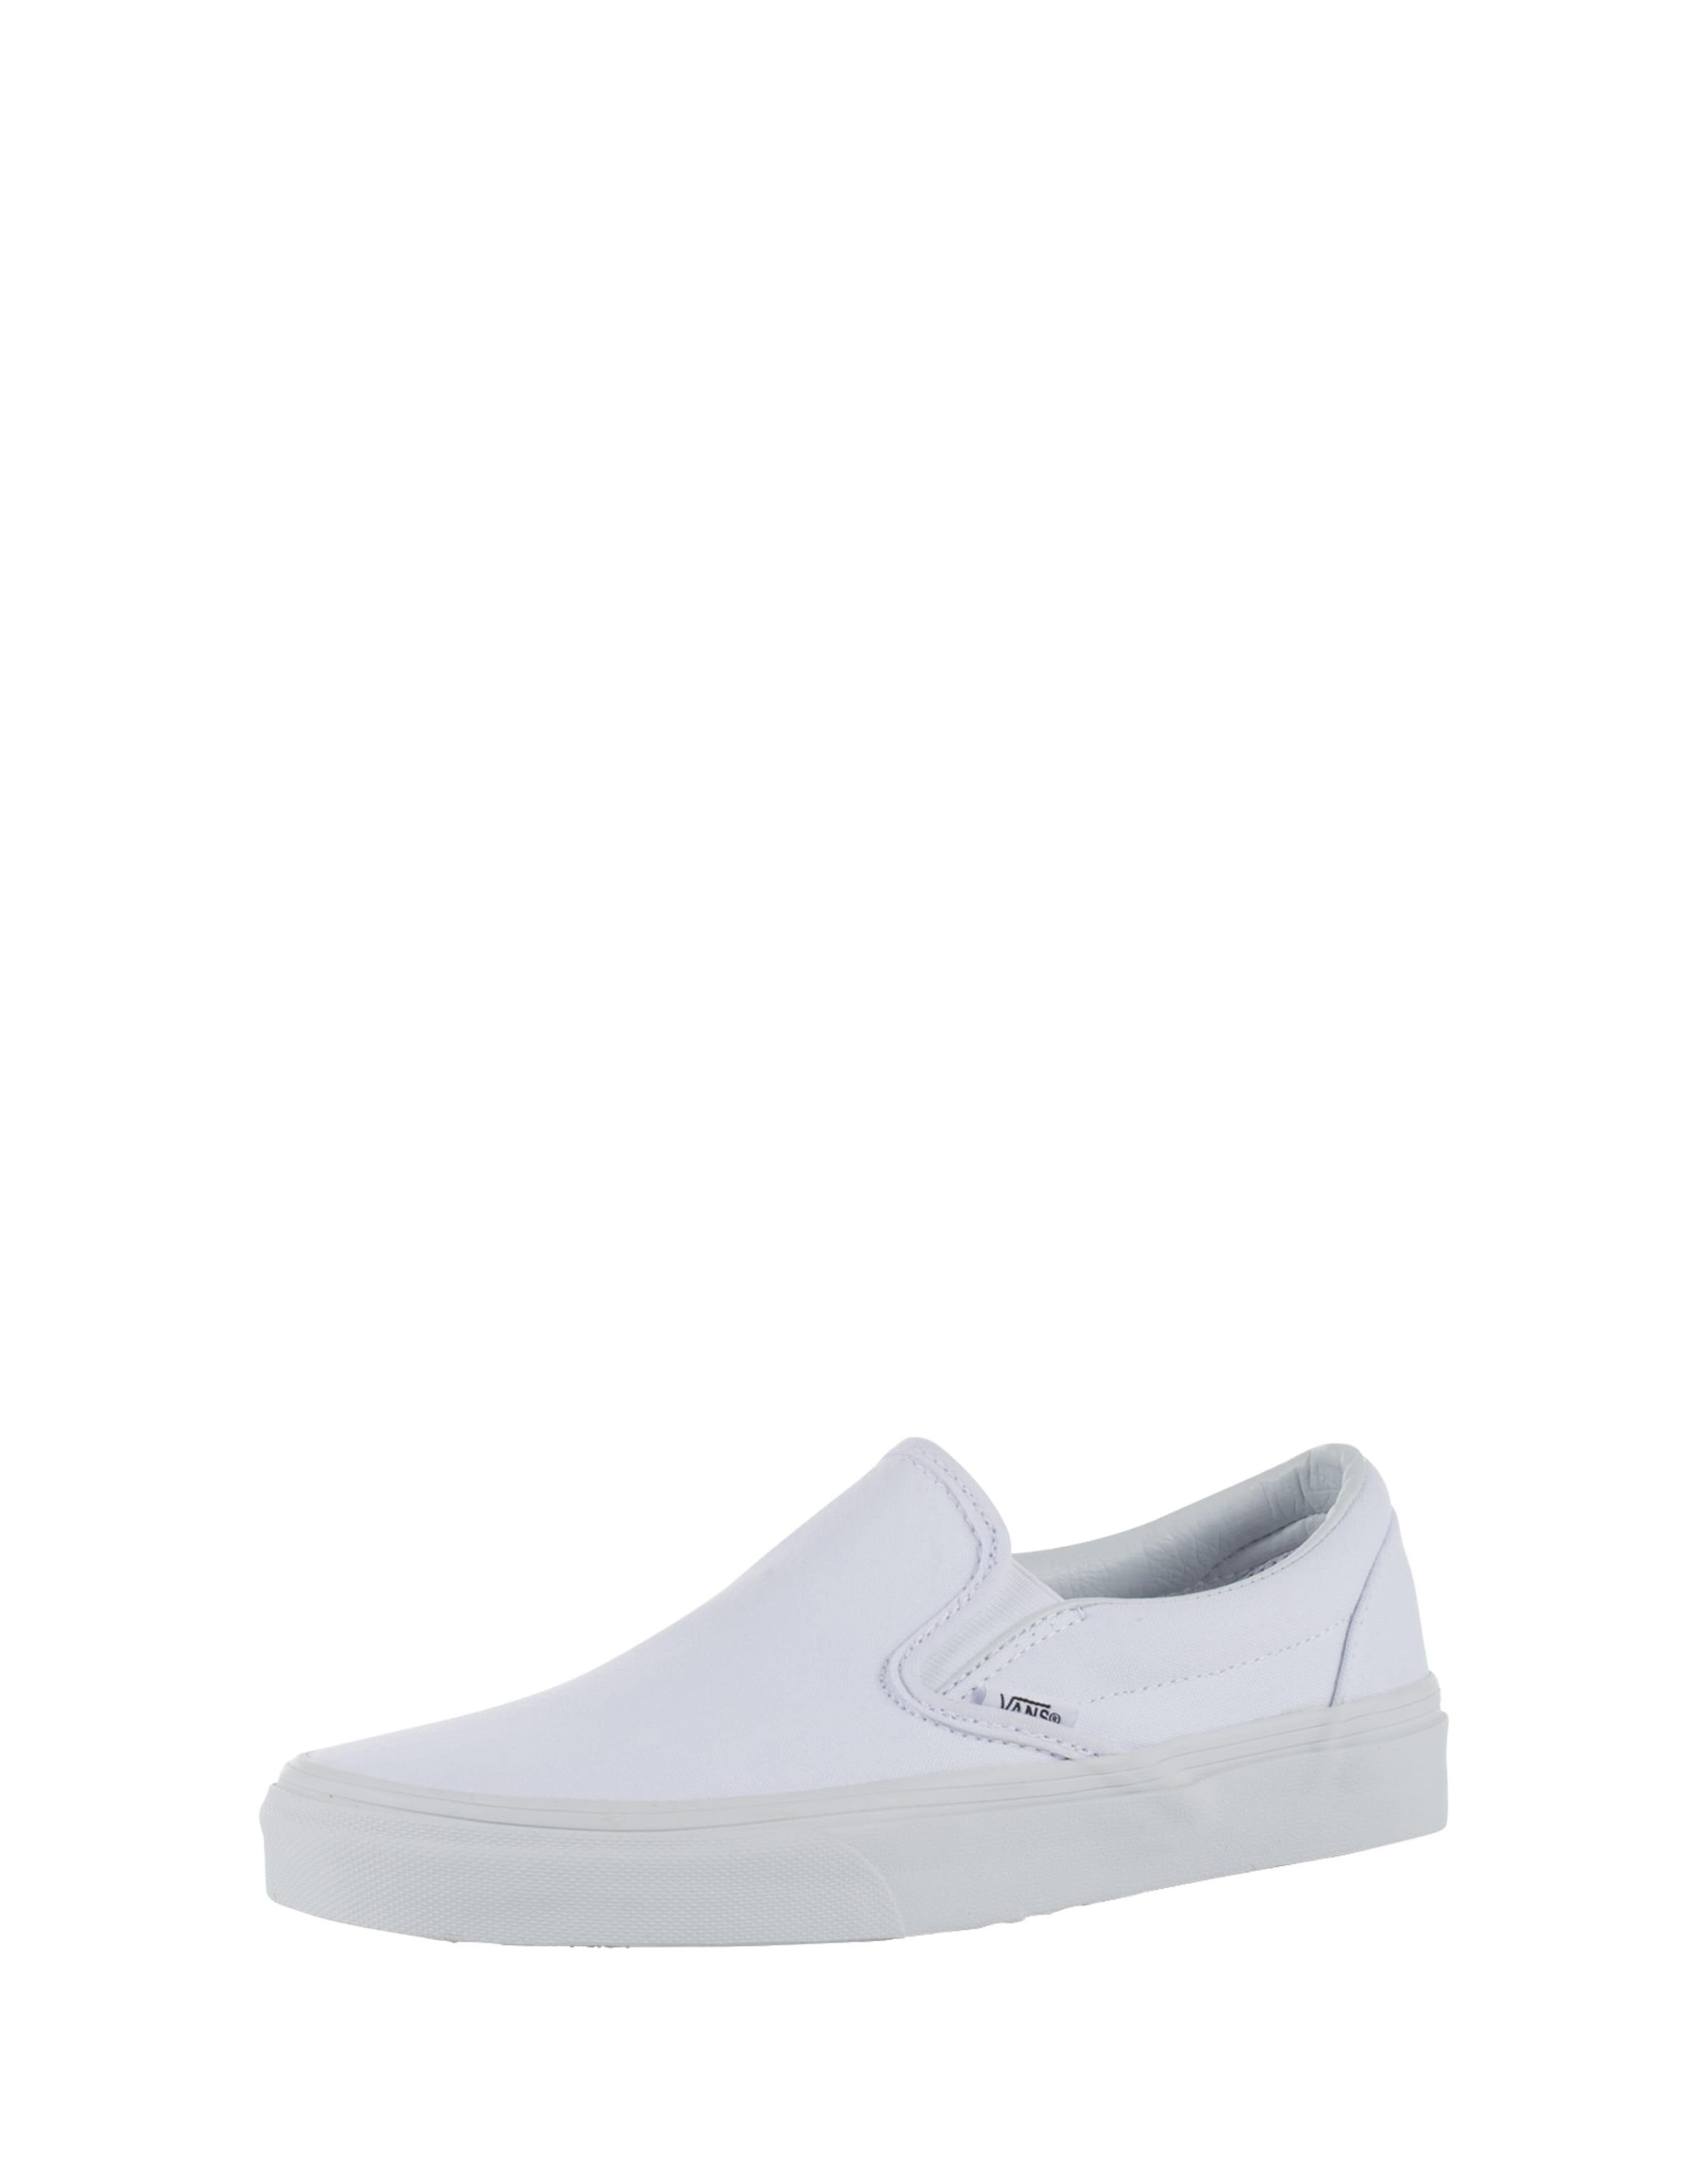 VANS Slip-On Verschleißfeste billige Schuhe Hohe Qualität